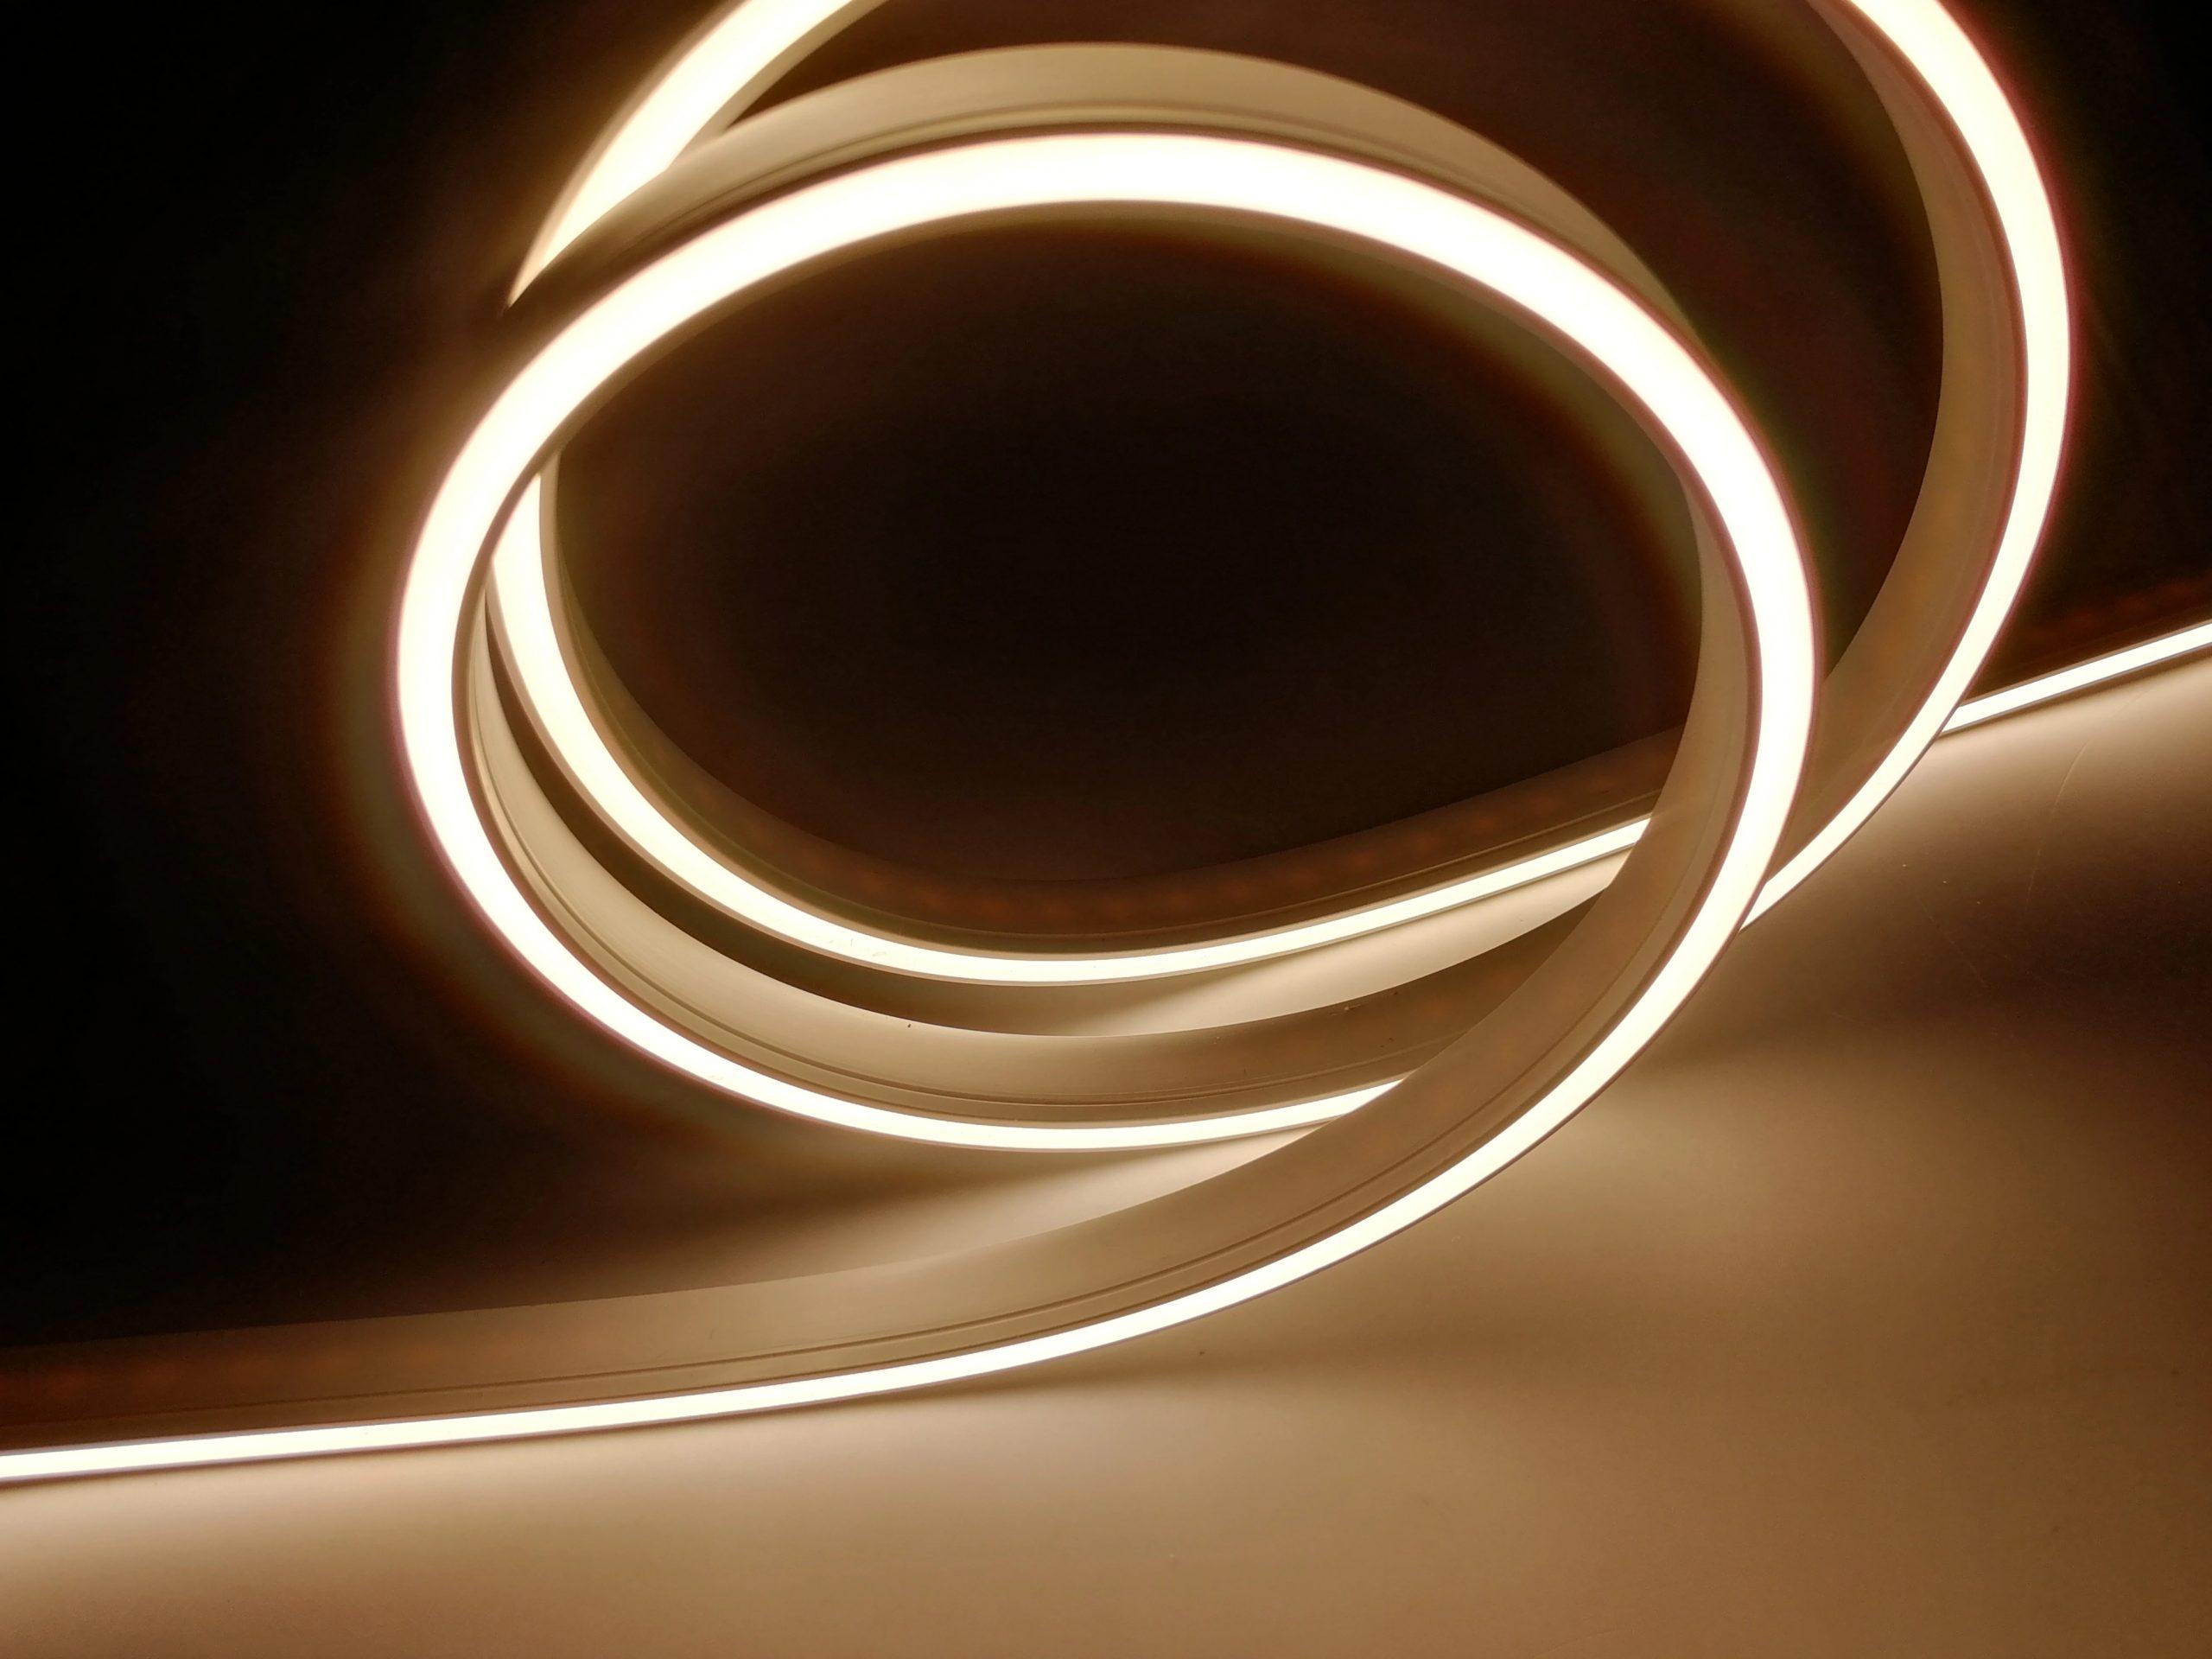 6X12 mm flexible neon rope lights